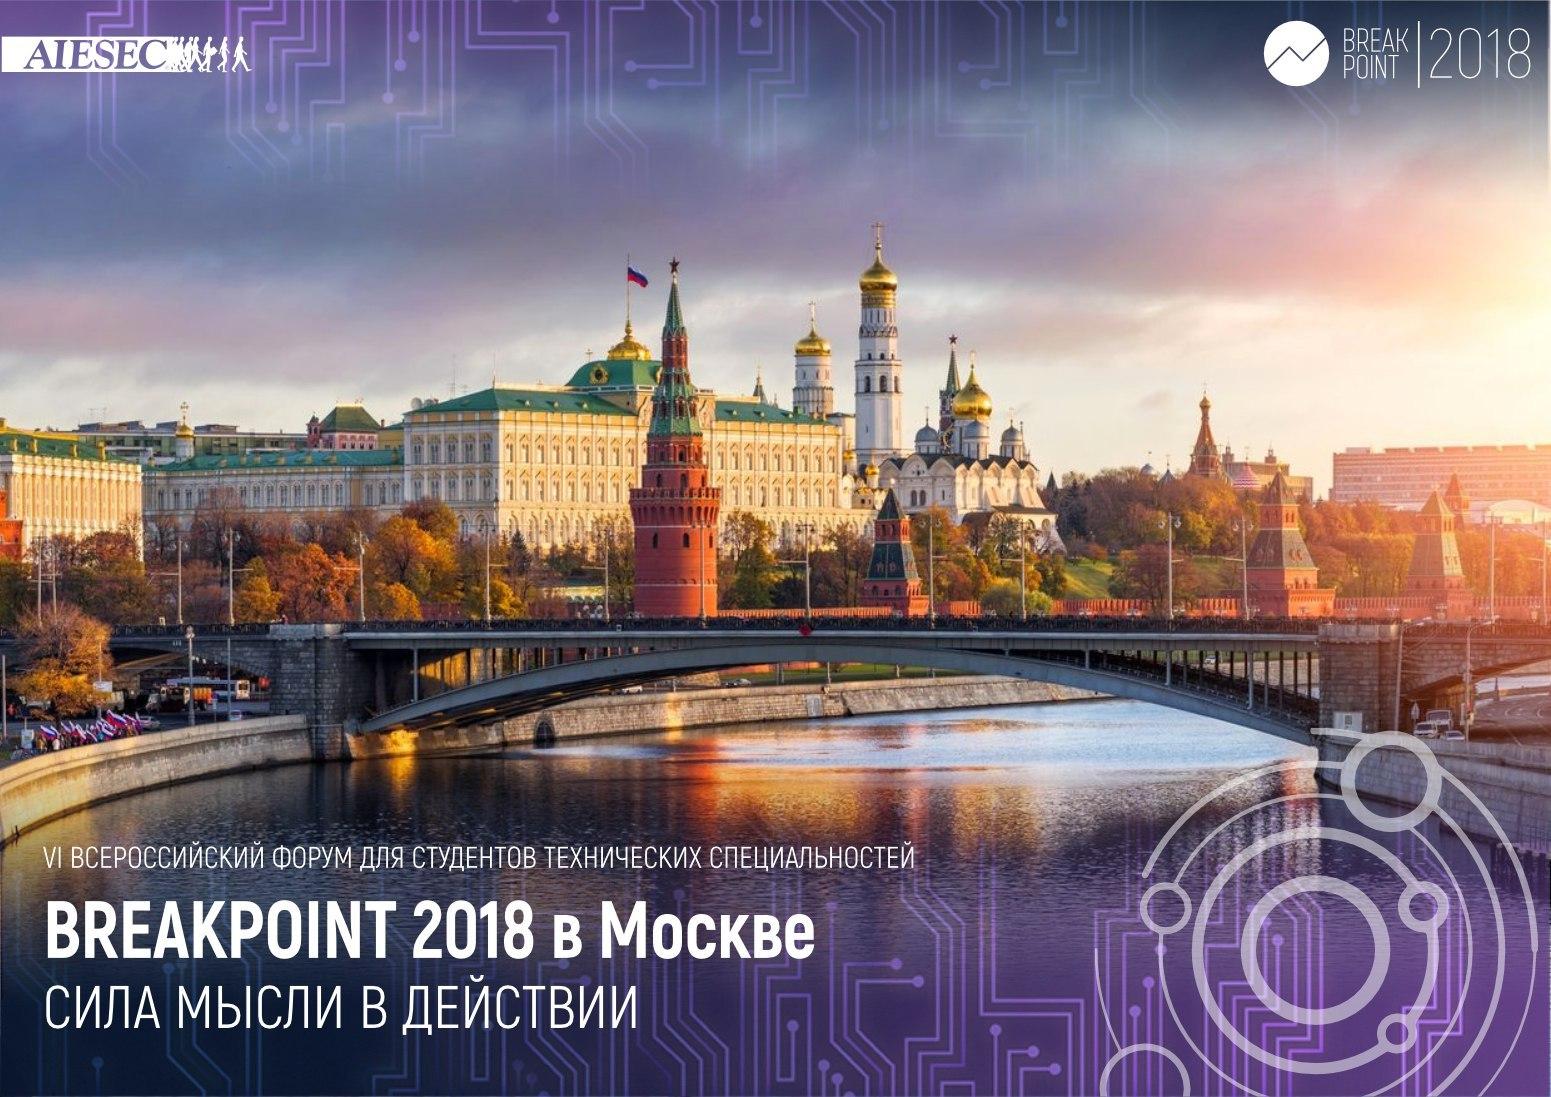 Breakpoint— VI всероссийский форум для студентов, выпускников технических специальностей ипредпринимателей втехнологической сфере.